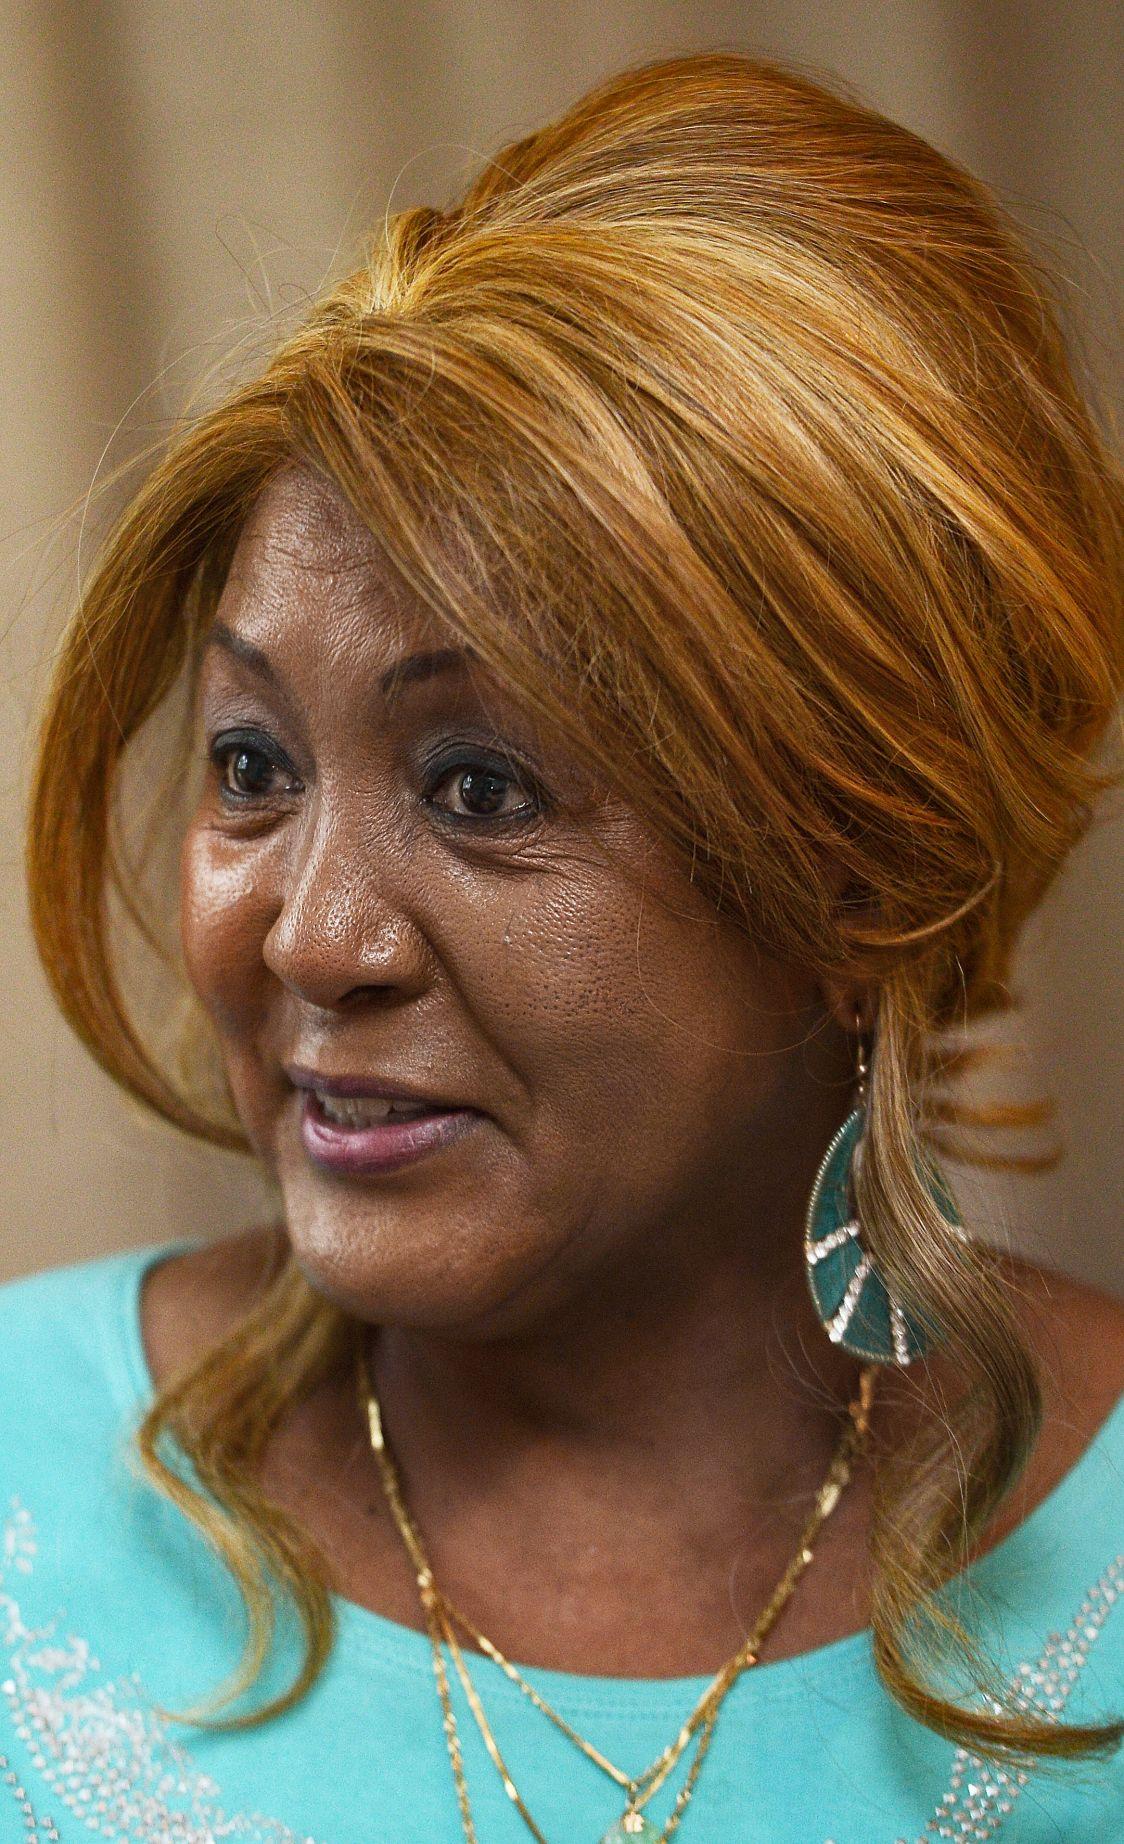 Innerviews Trail blazing teacher built fruitful life on hometown